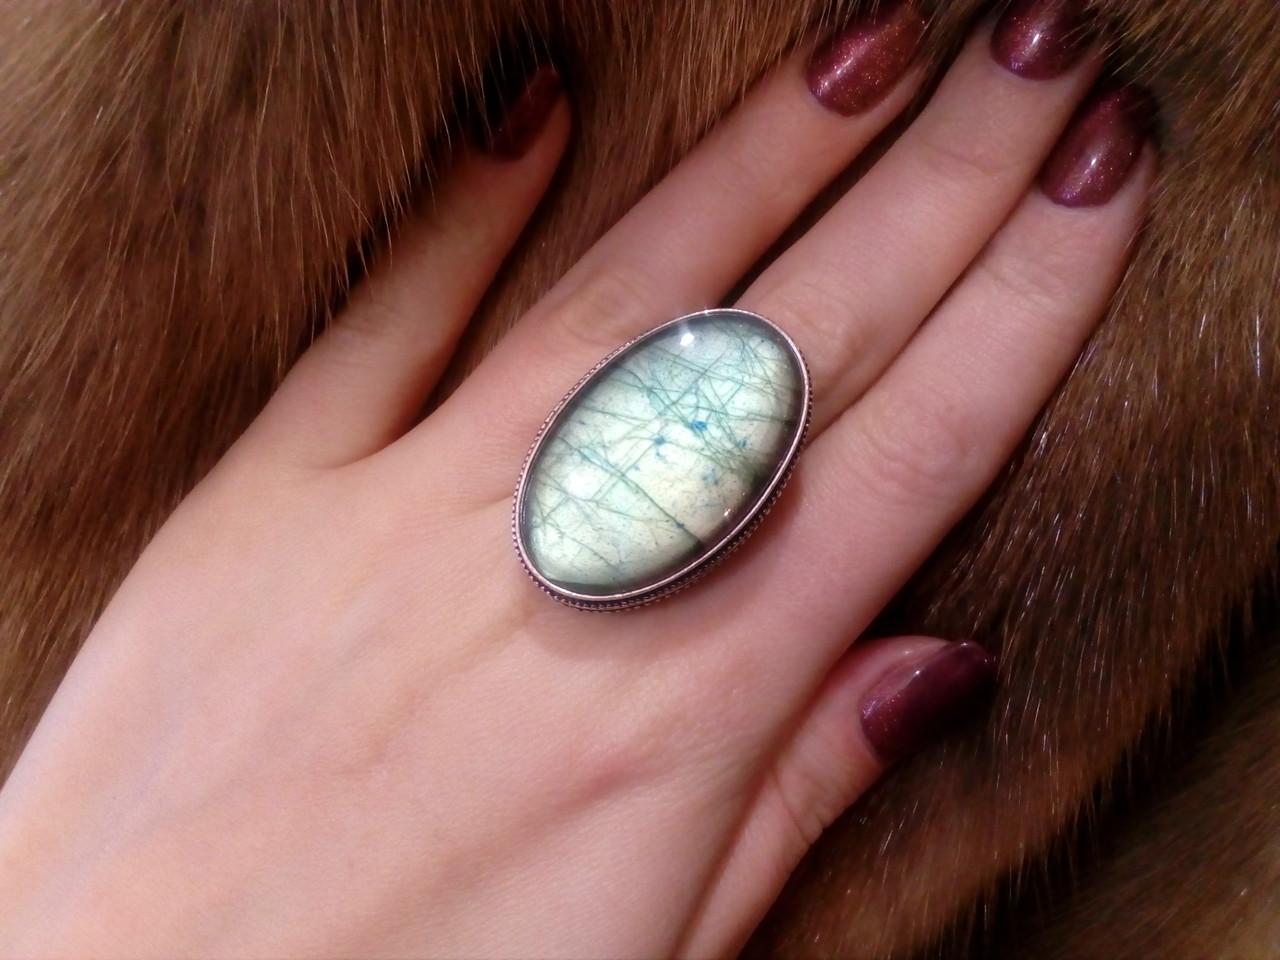 Красивое кольцо с натуральным камнем лабрадор в серебре. Кольцо с лабрадором 19,5-19,8 размер Индия